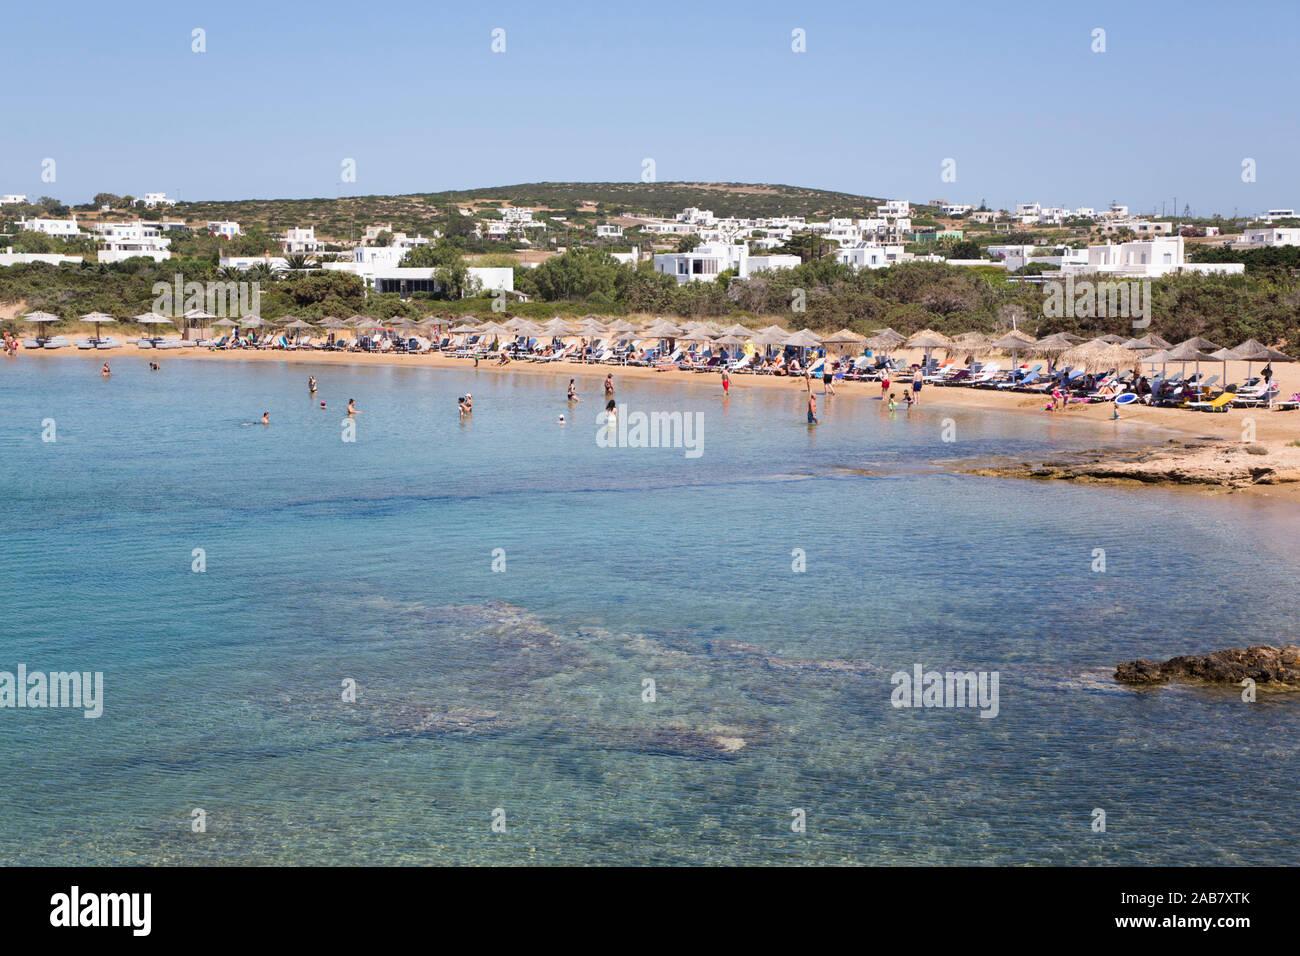 La plage de Santa Maria, l'île de Paros, Cyclades, îles grecques, Grèce, Europe Banque D'Images